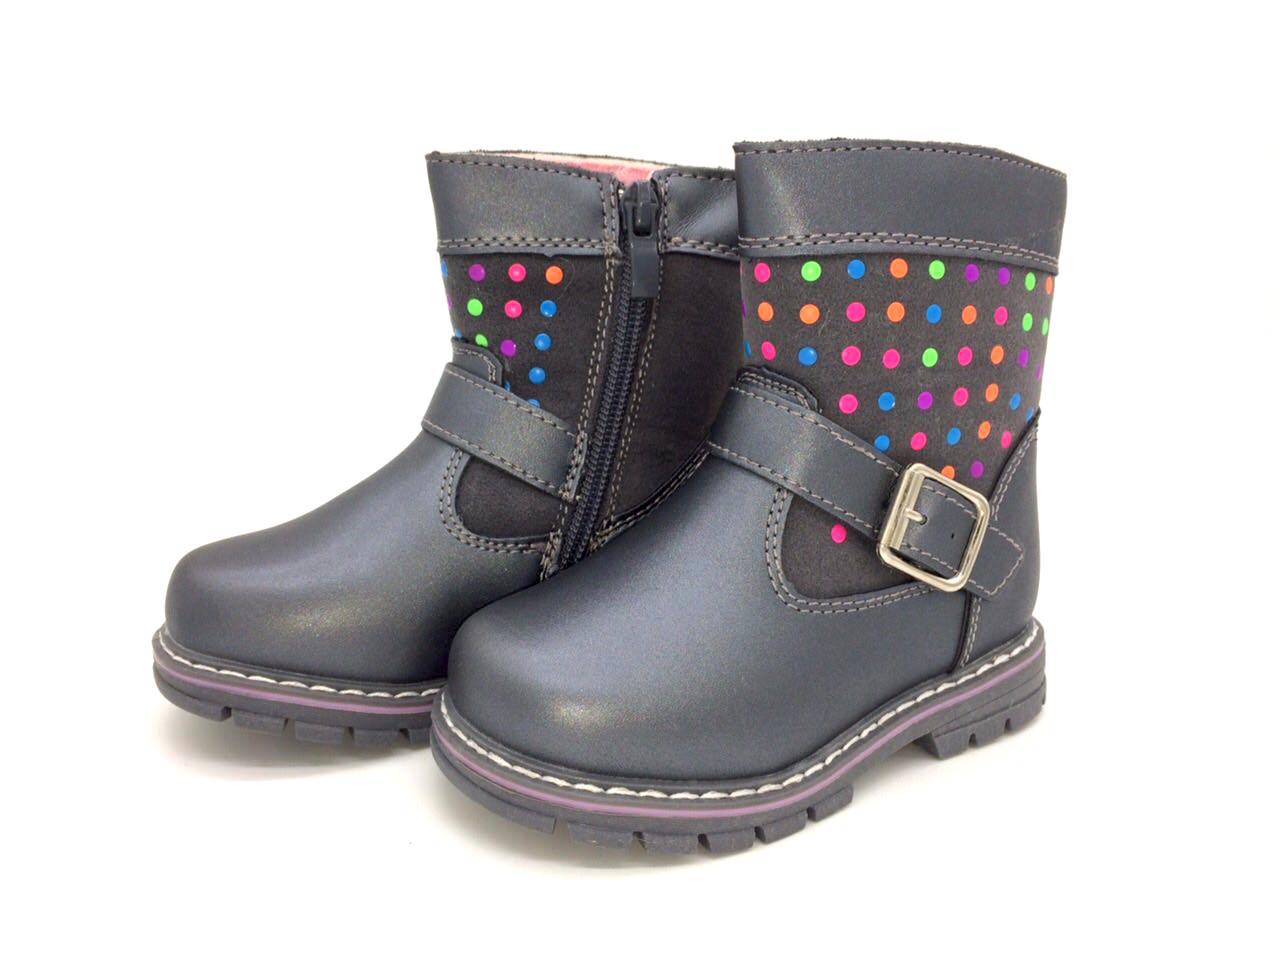 Ботинки осень-зима для девочек Clibee Размеры: 22,23,26,27